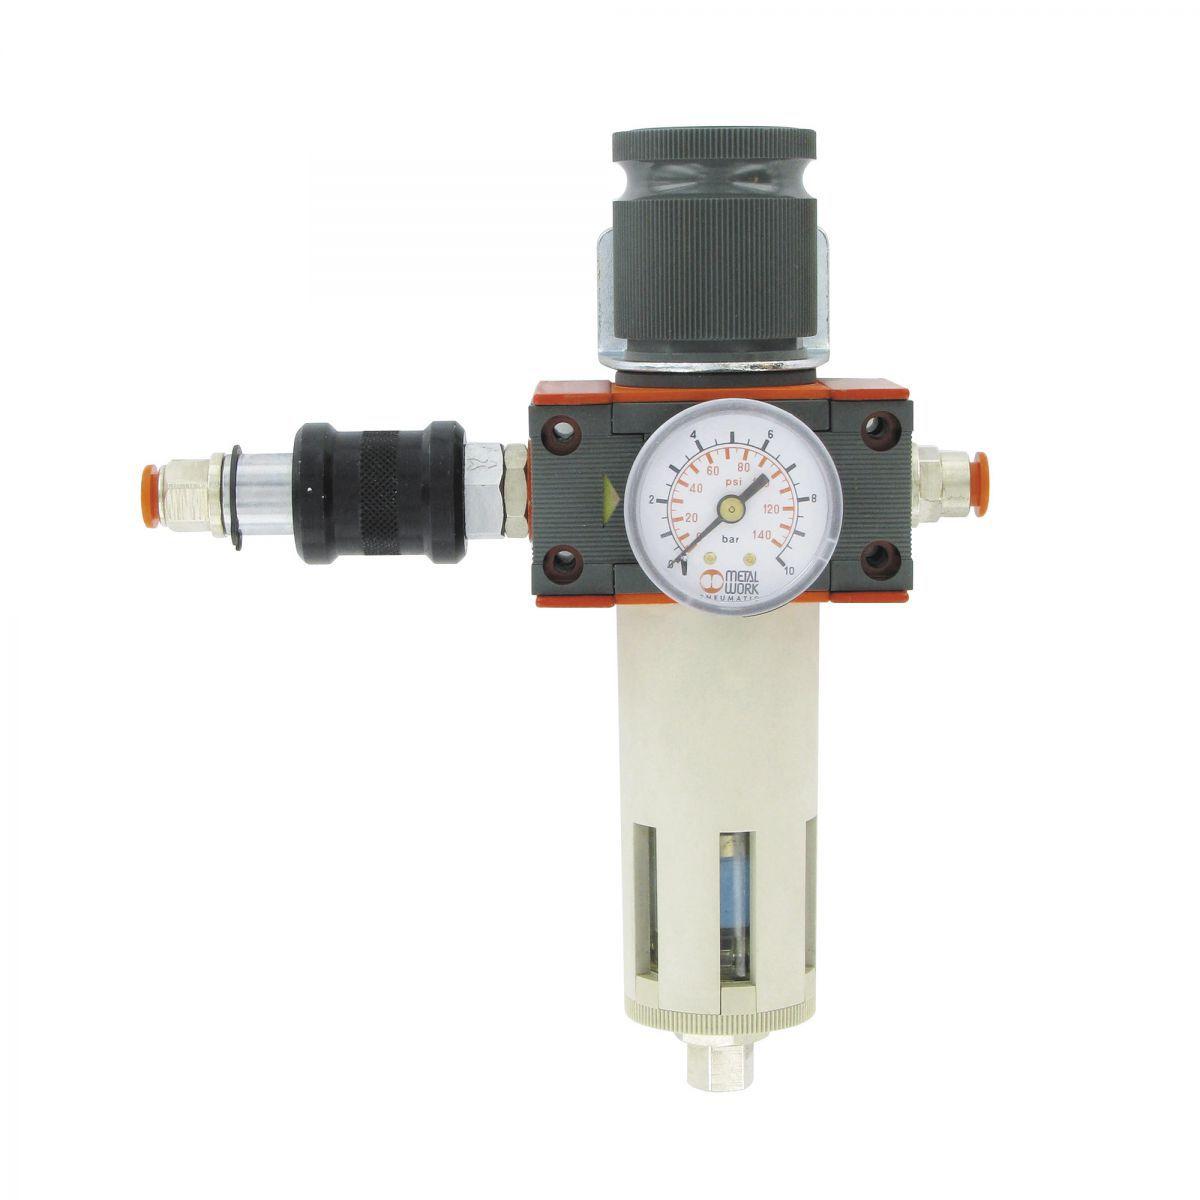 rgulateur de pression avec filtre sperateur dhumidit et purge deau automatique